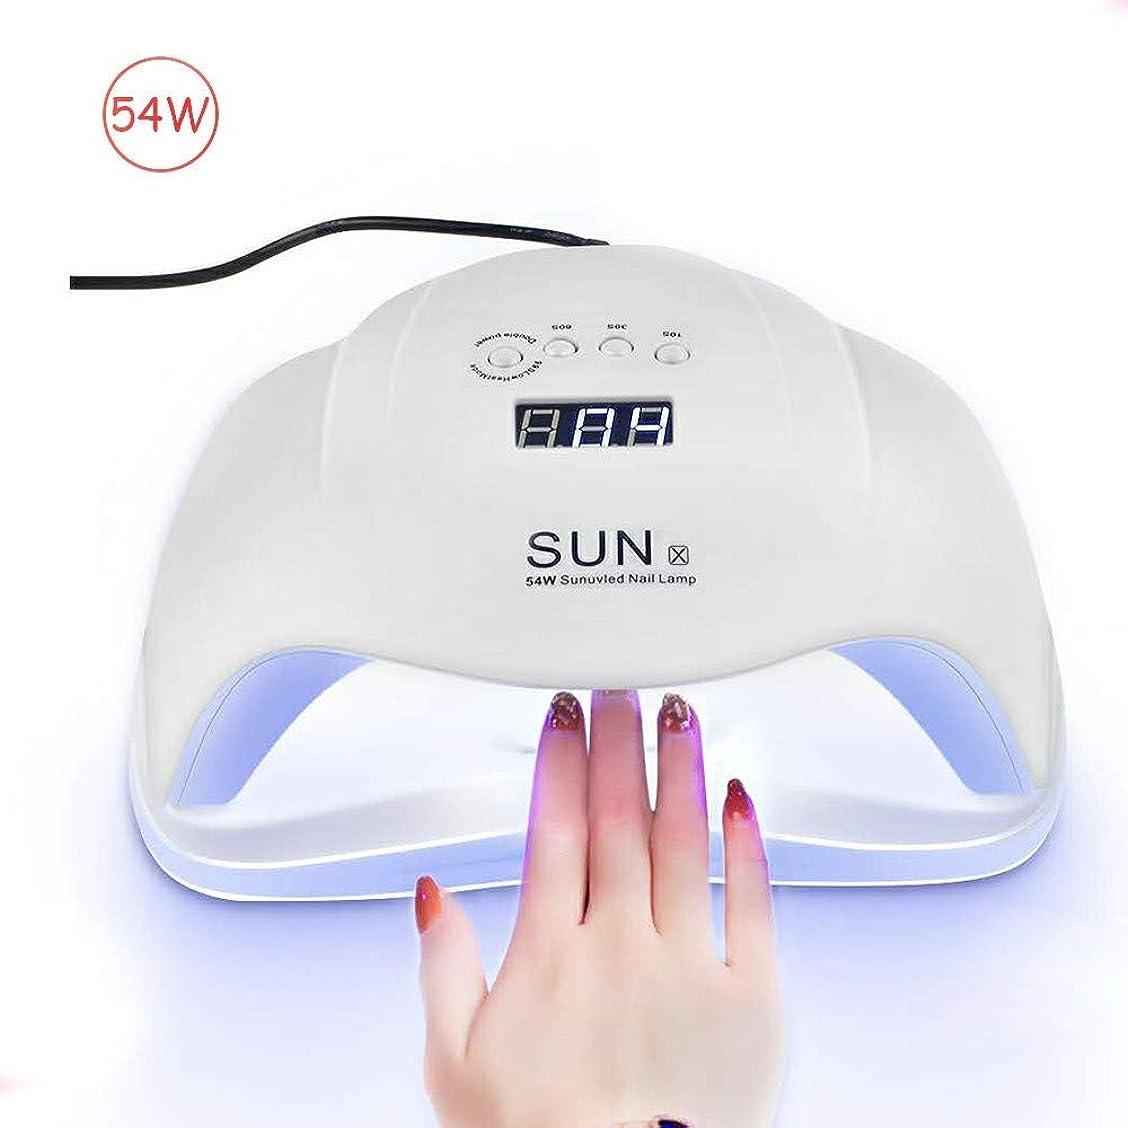 仕えるちょっと待って雪だるまネイルドライヤーSUNX 54W UV LEDネイルランプマニキュア用全てのゲル用ネイルドライヤーポリッシュツーハンドランプ赤外線センシング10/30 / 60s LCD